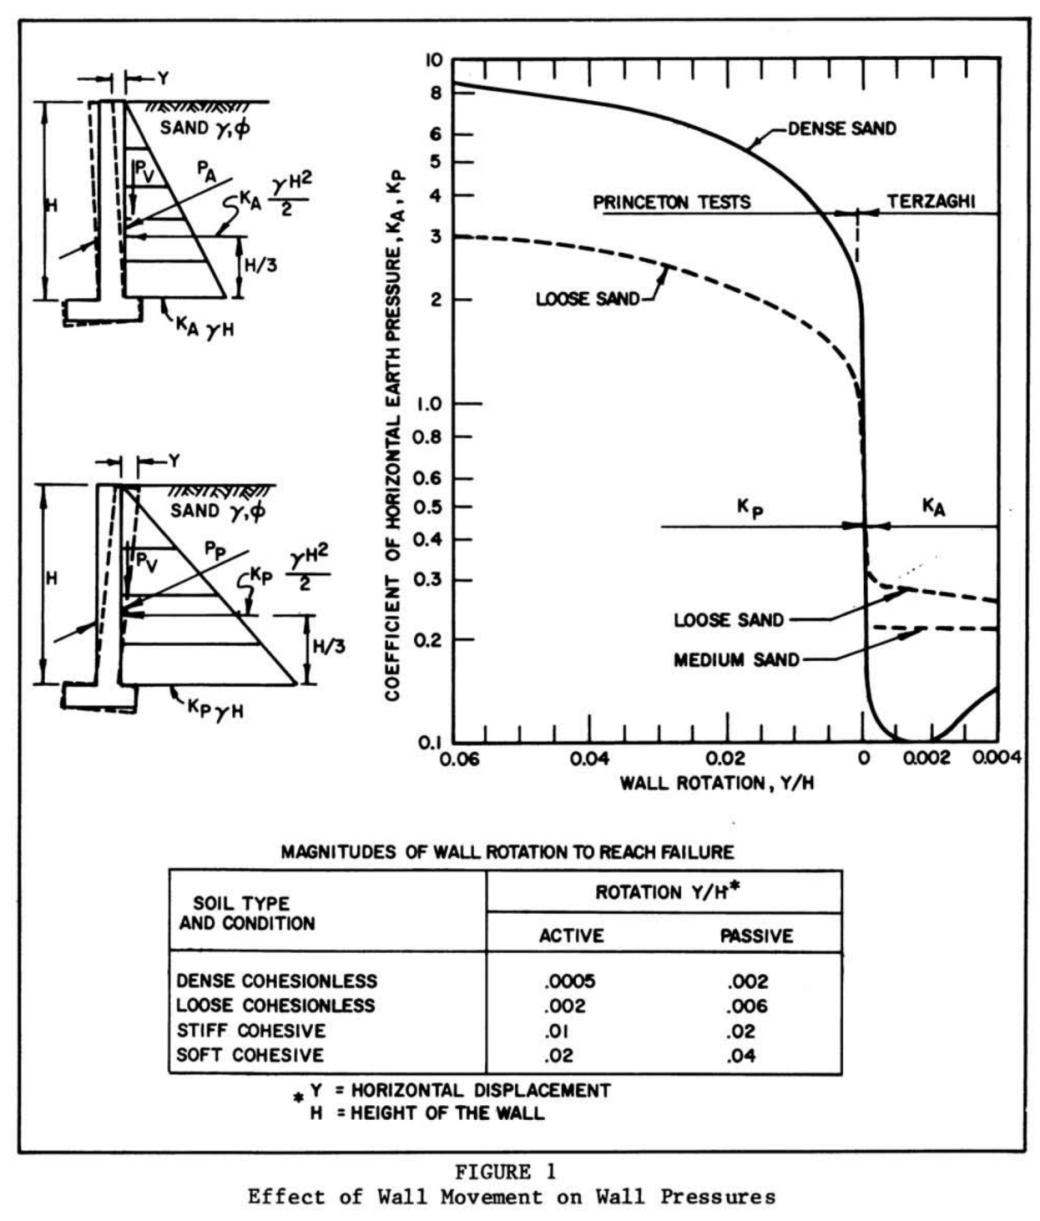 DM7 Figure 1